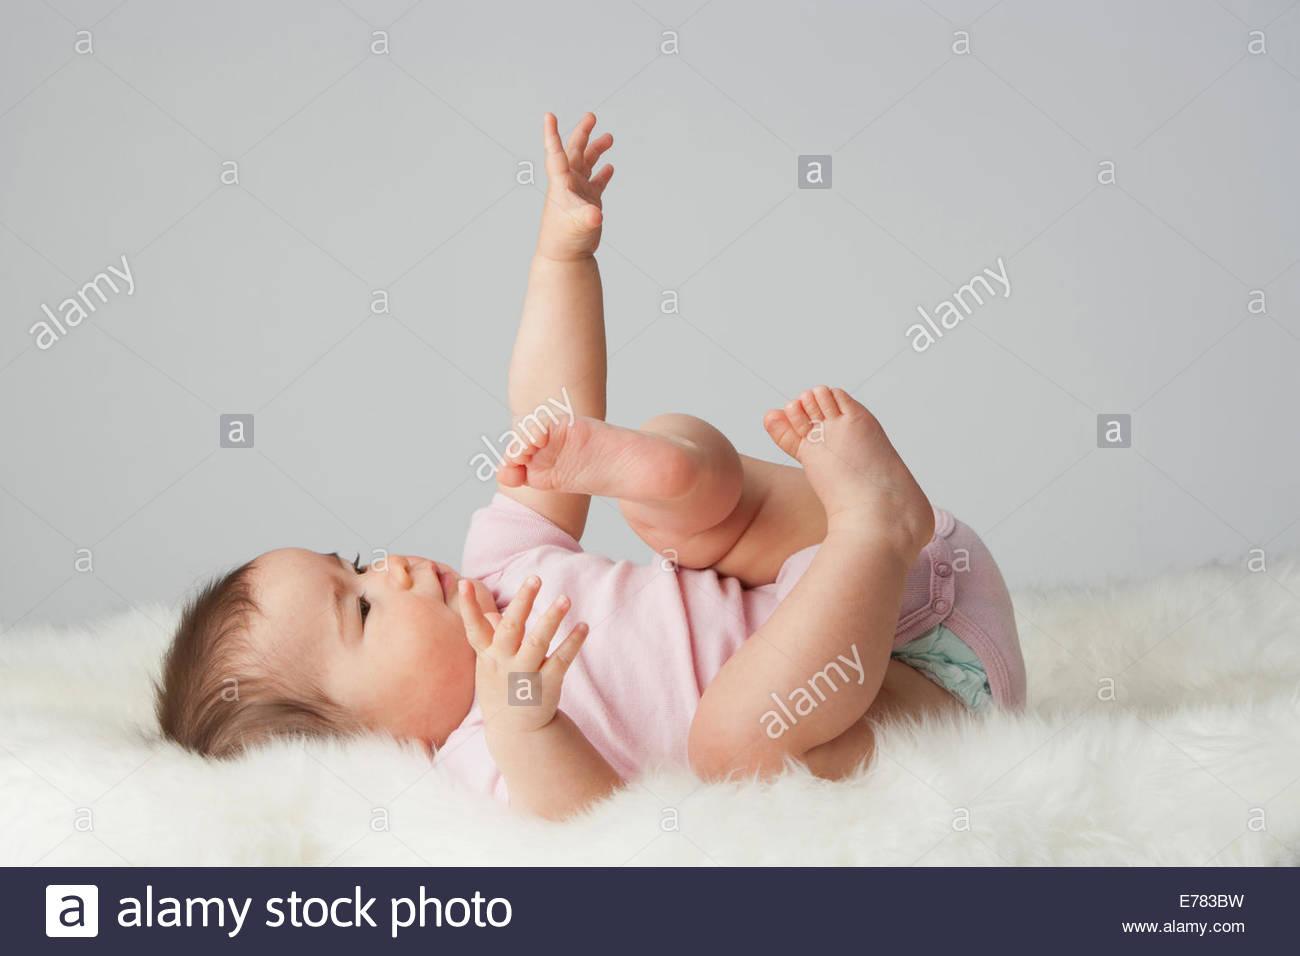 Ein Baby liegend Stockbild